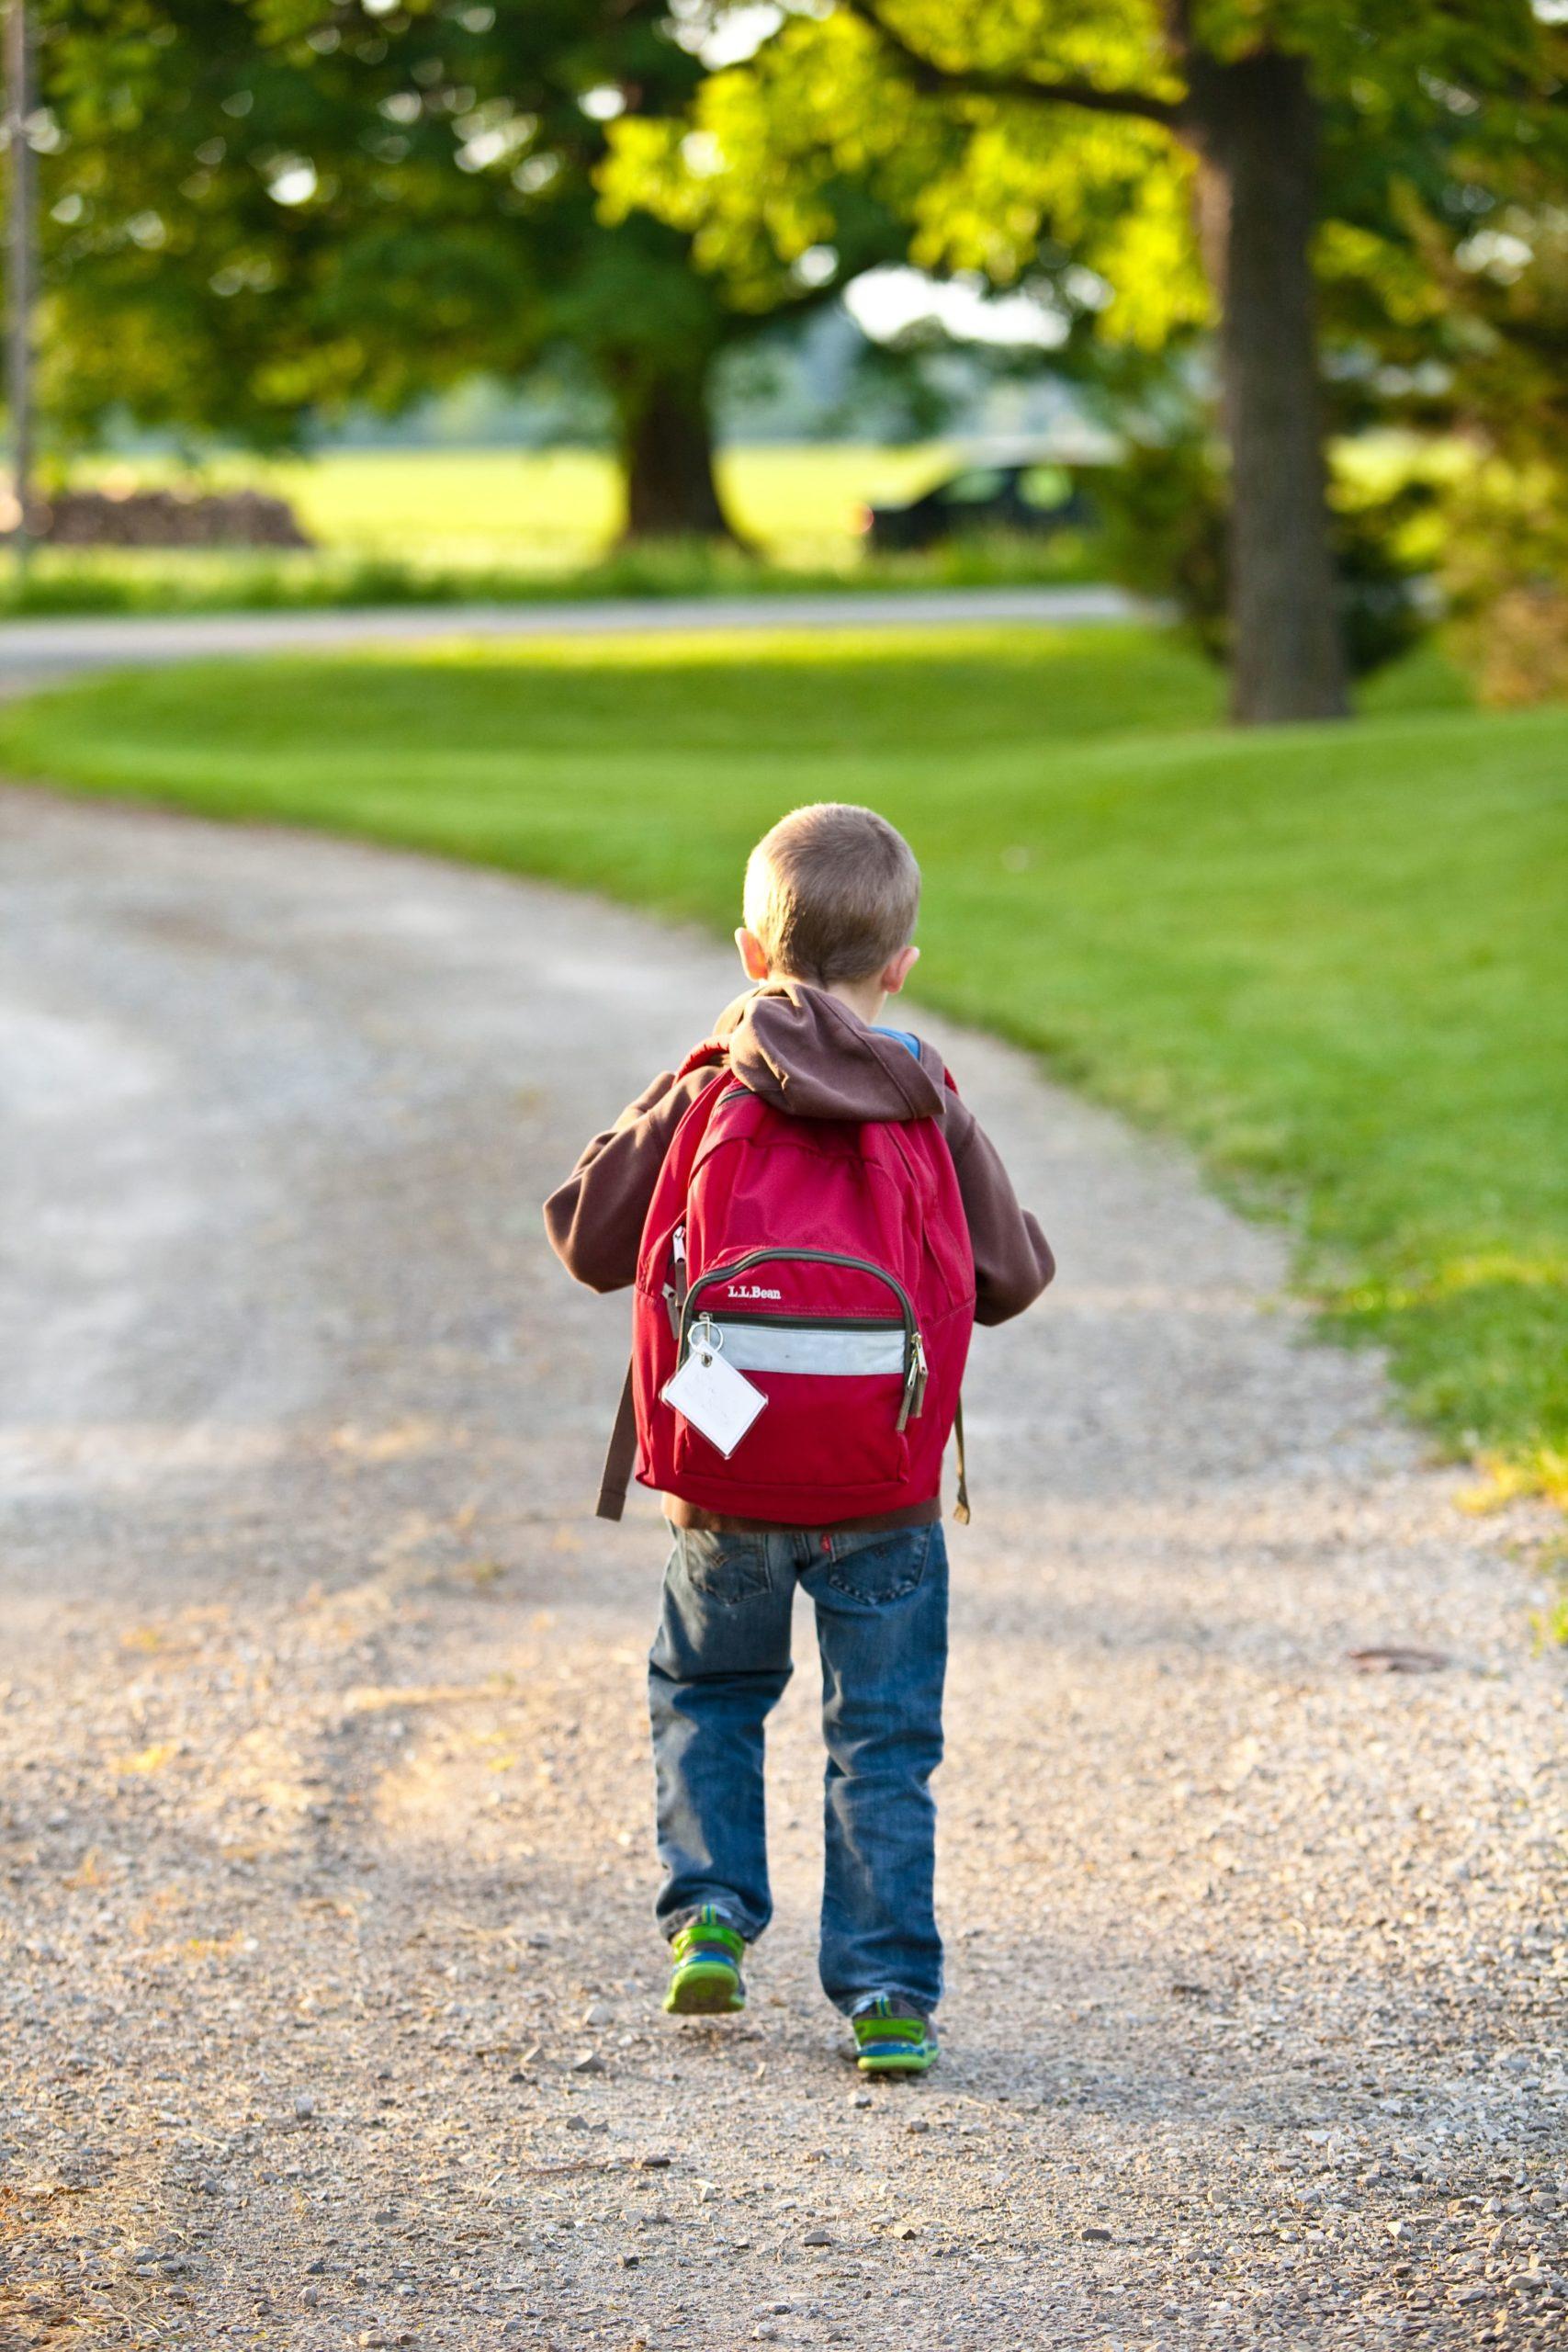 bambino di spalle in un prato cammina verso la scuola